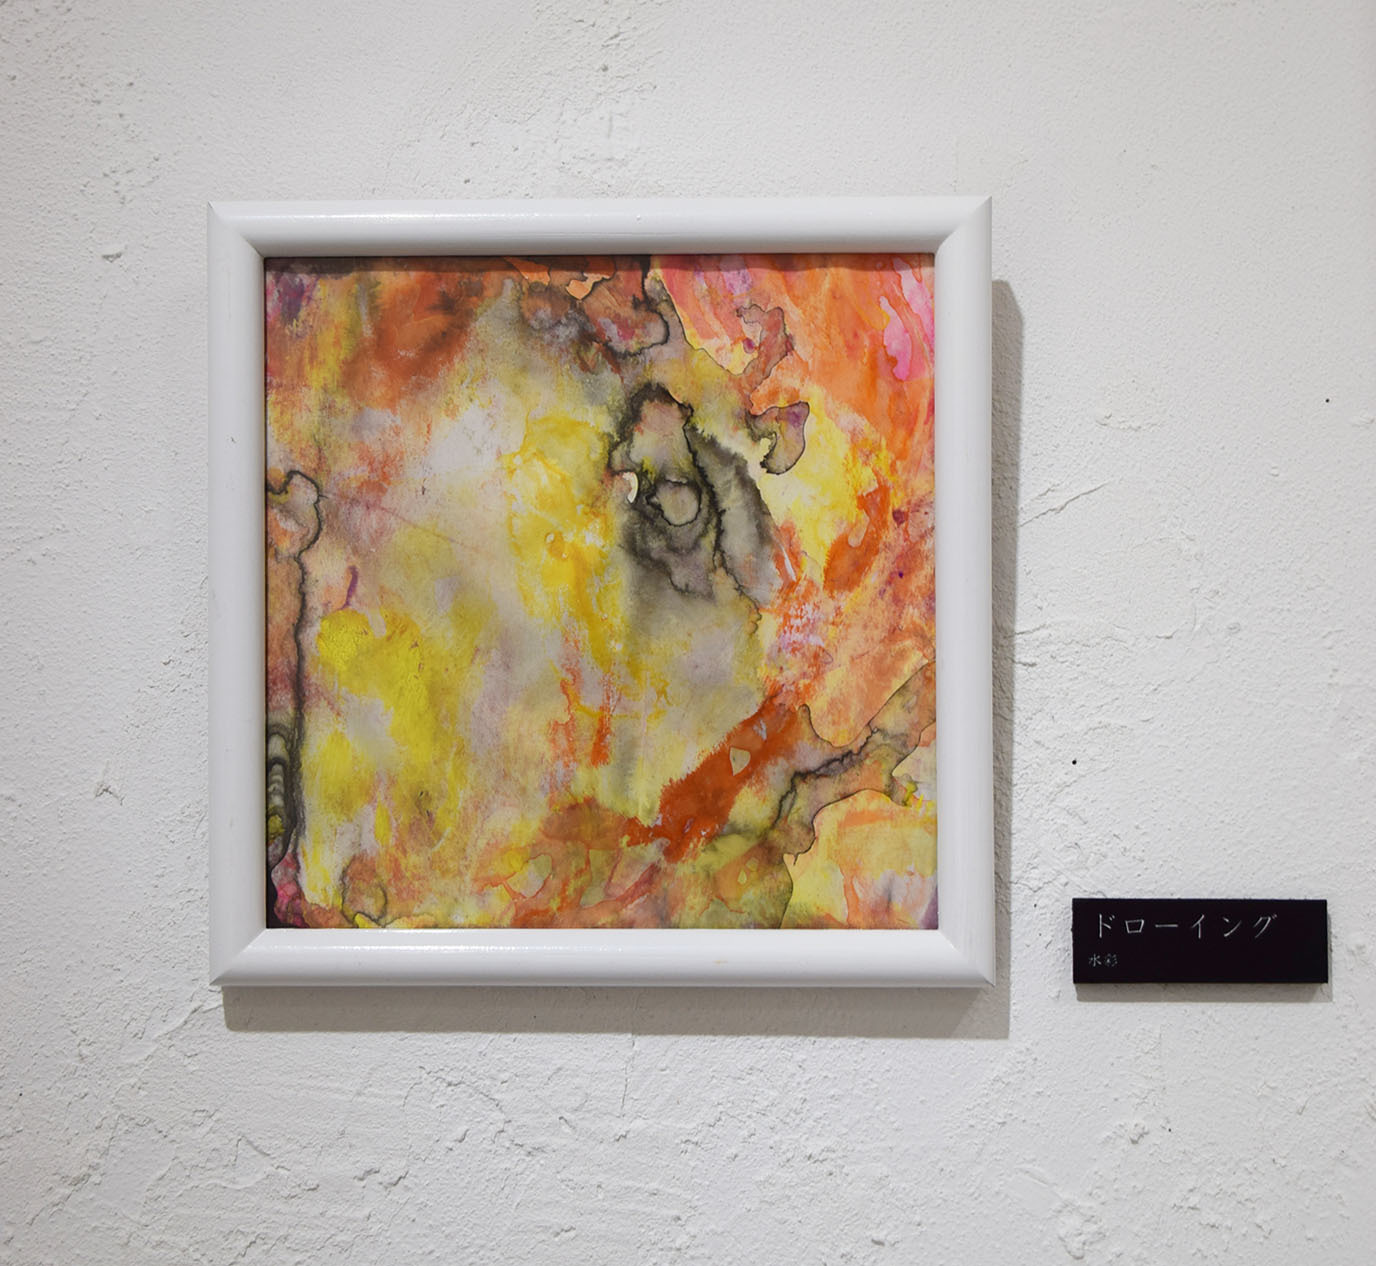 加藤覚 展 Satoru Kato Exhibition @ 3日目_e0272050_16141843.jpg